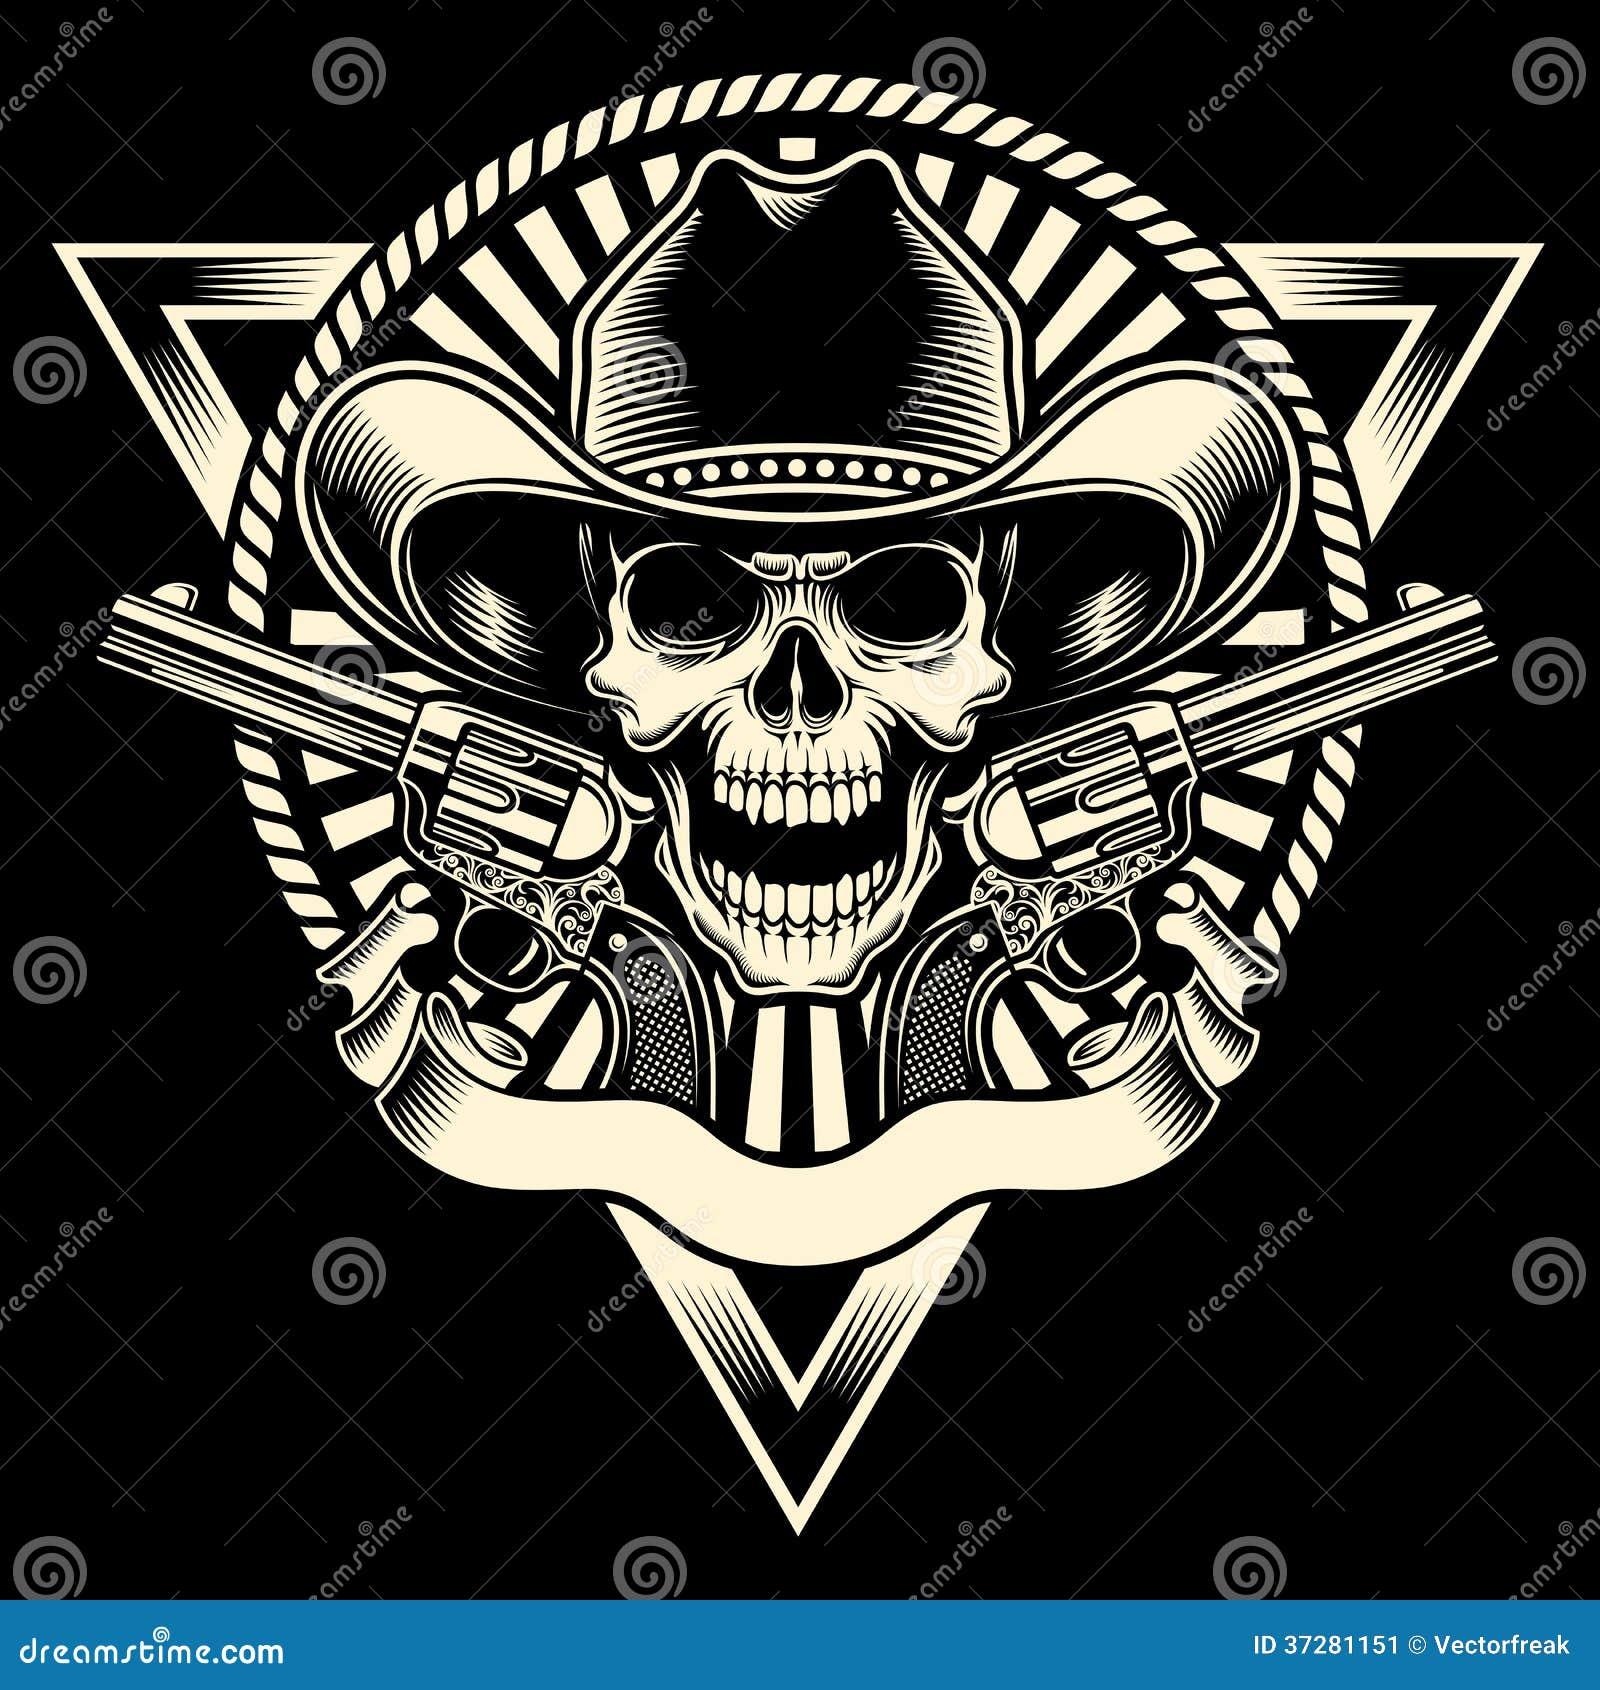 Vaquero Skull With Revolver